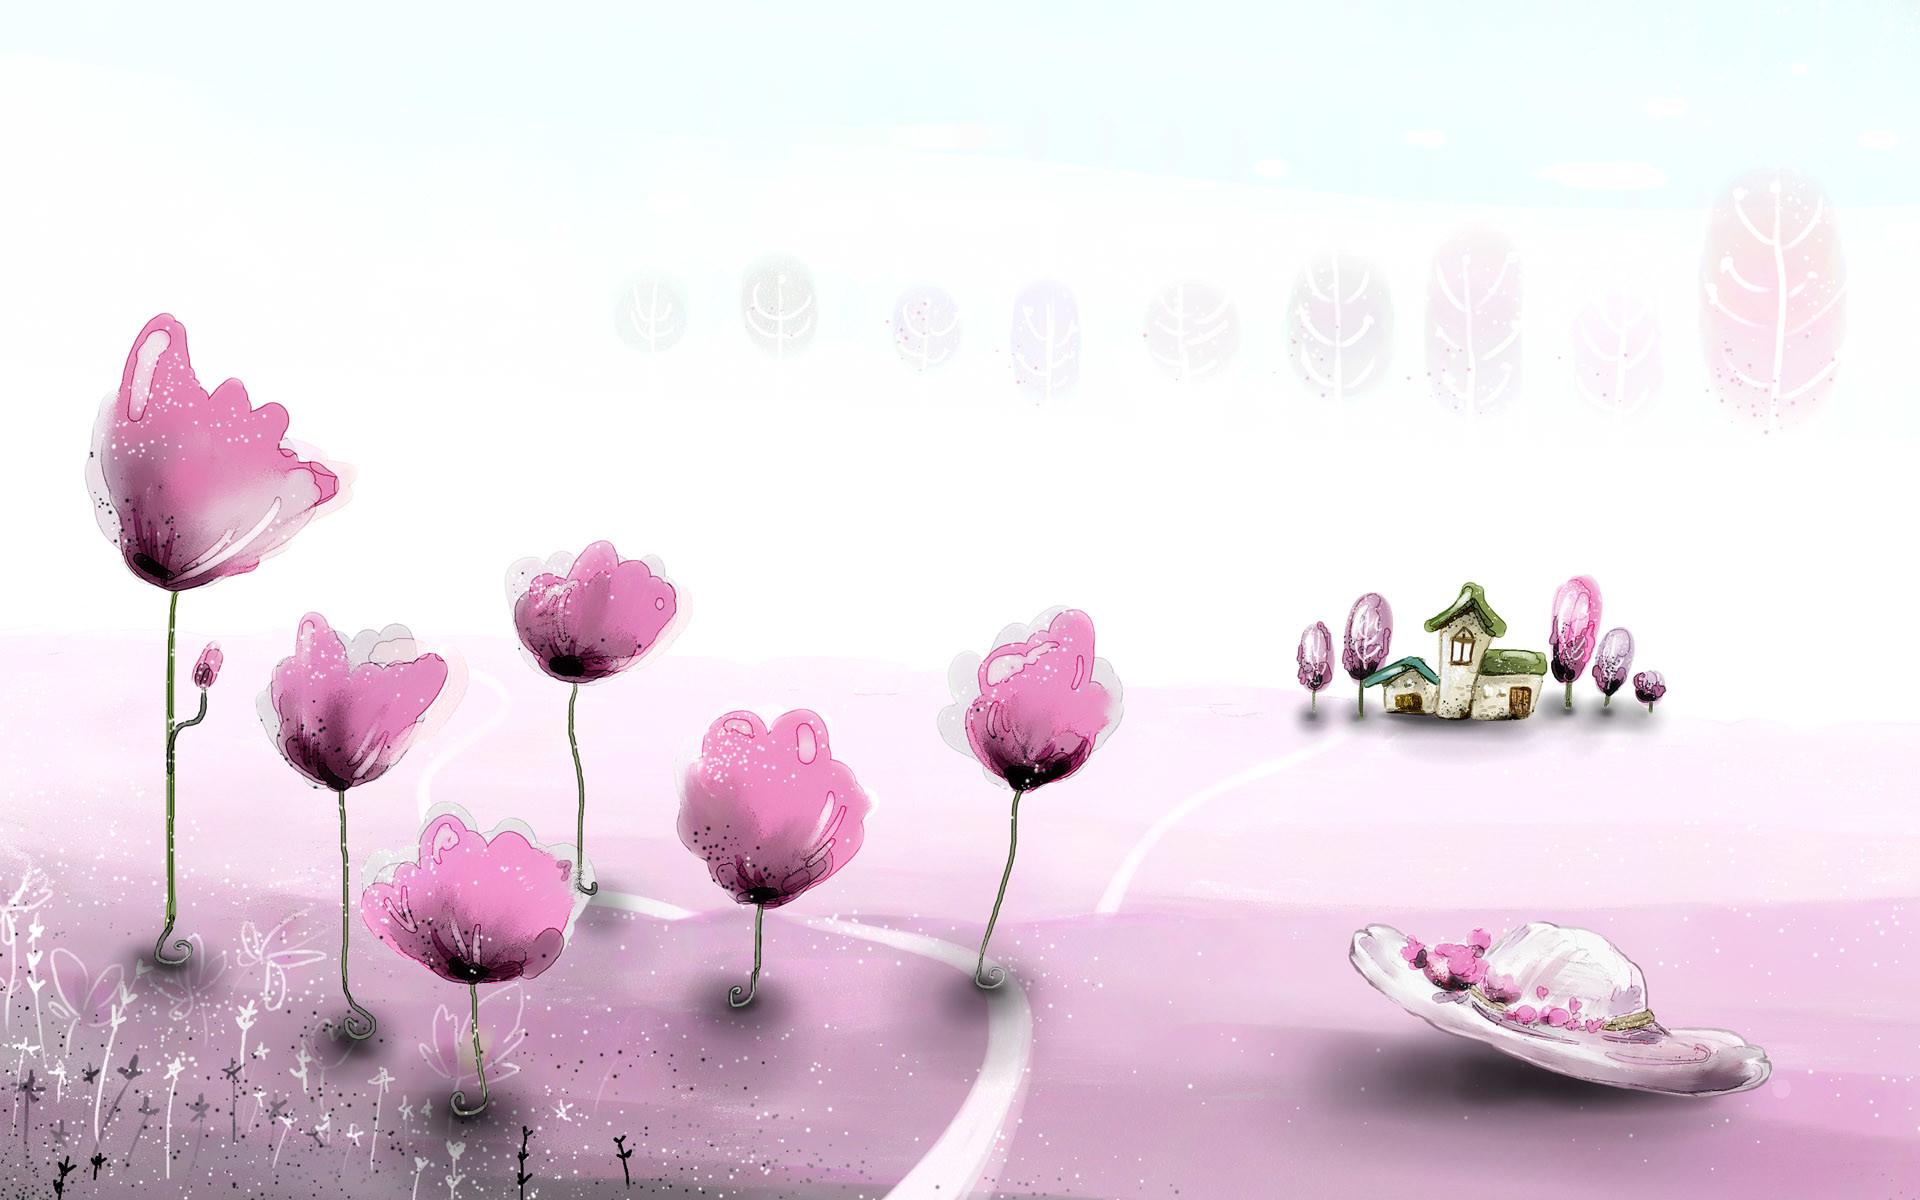 Cute korean desktop wallpaper . wallpapers